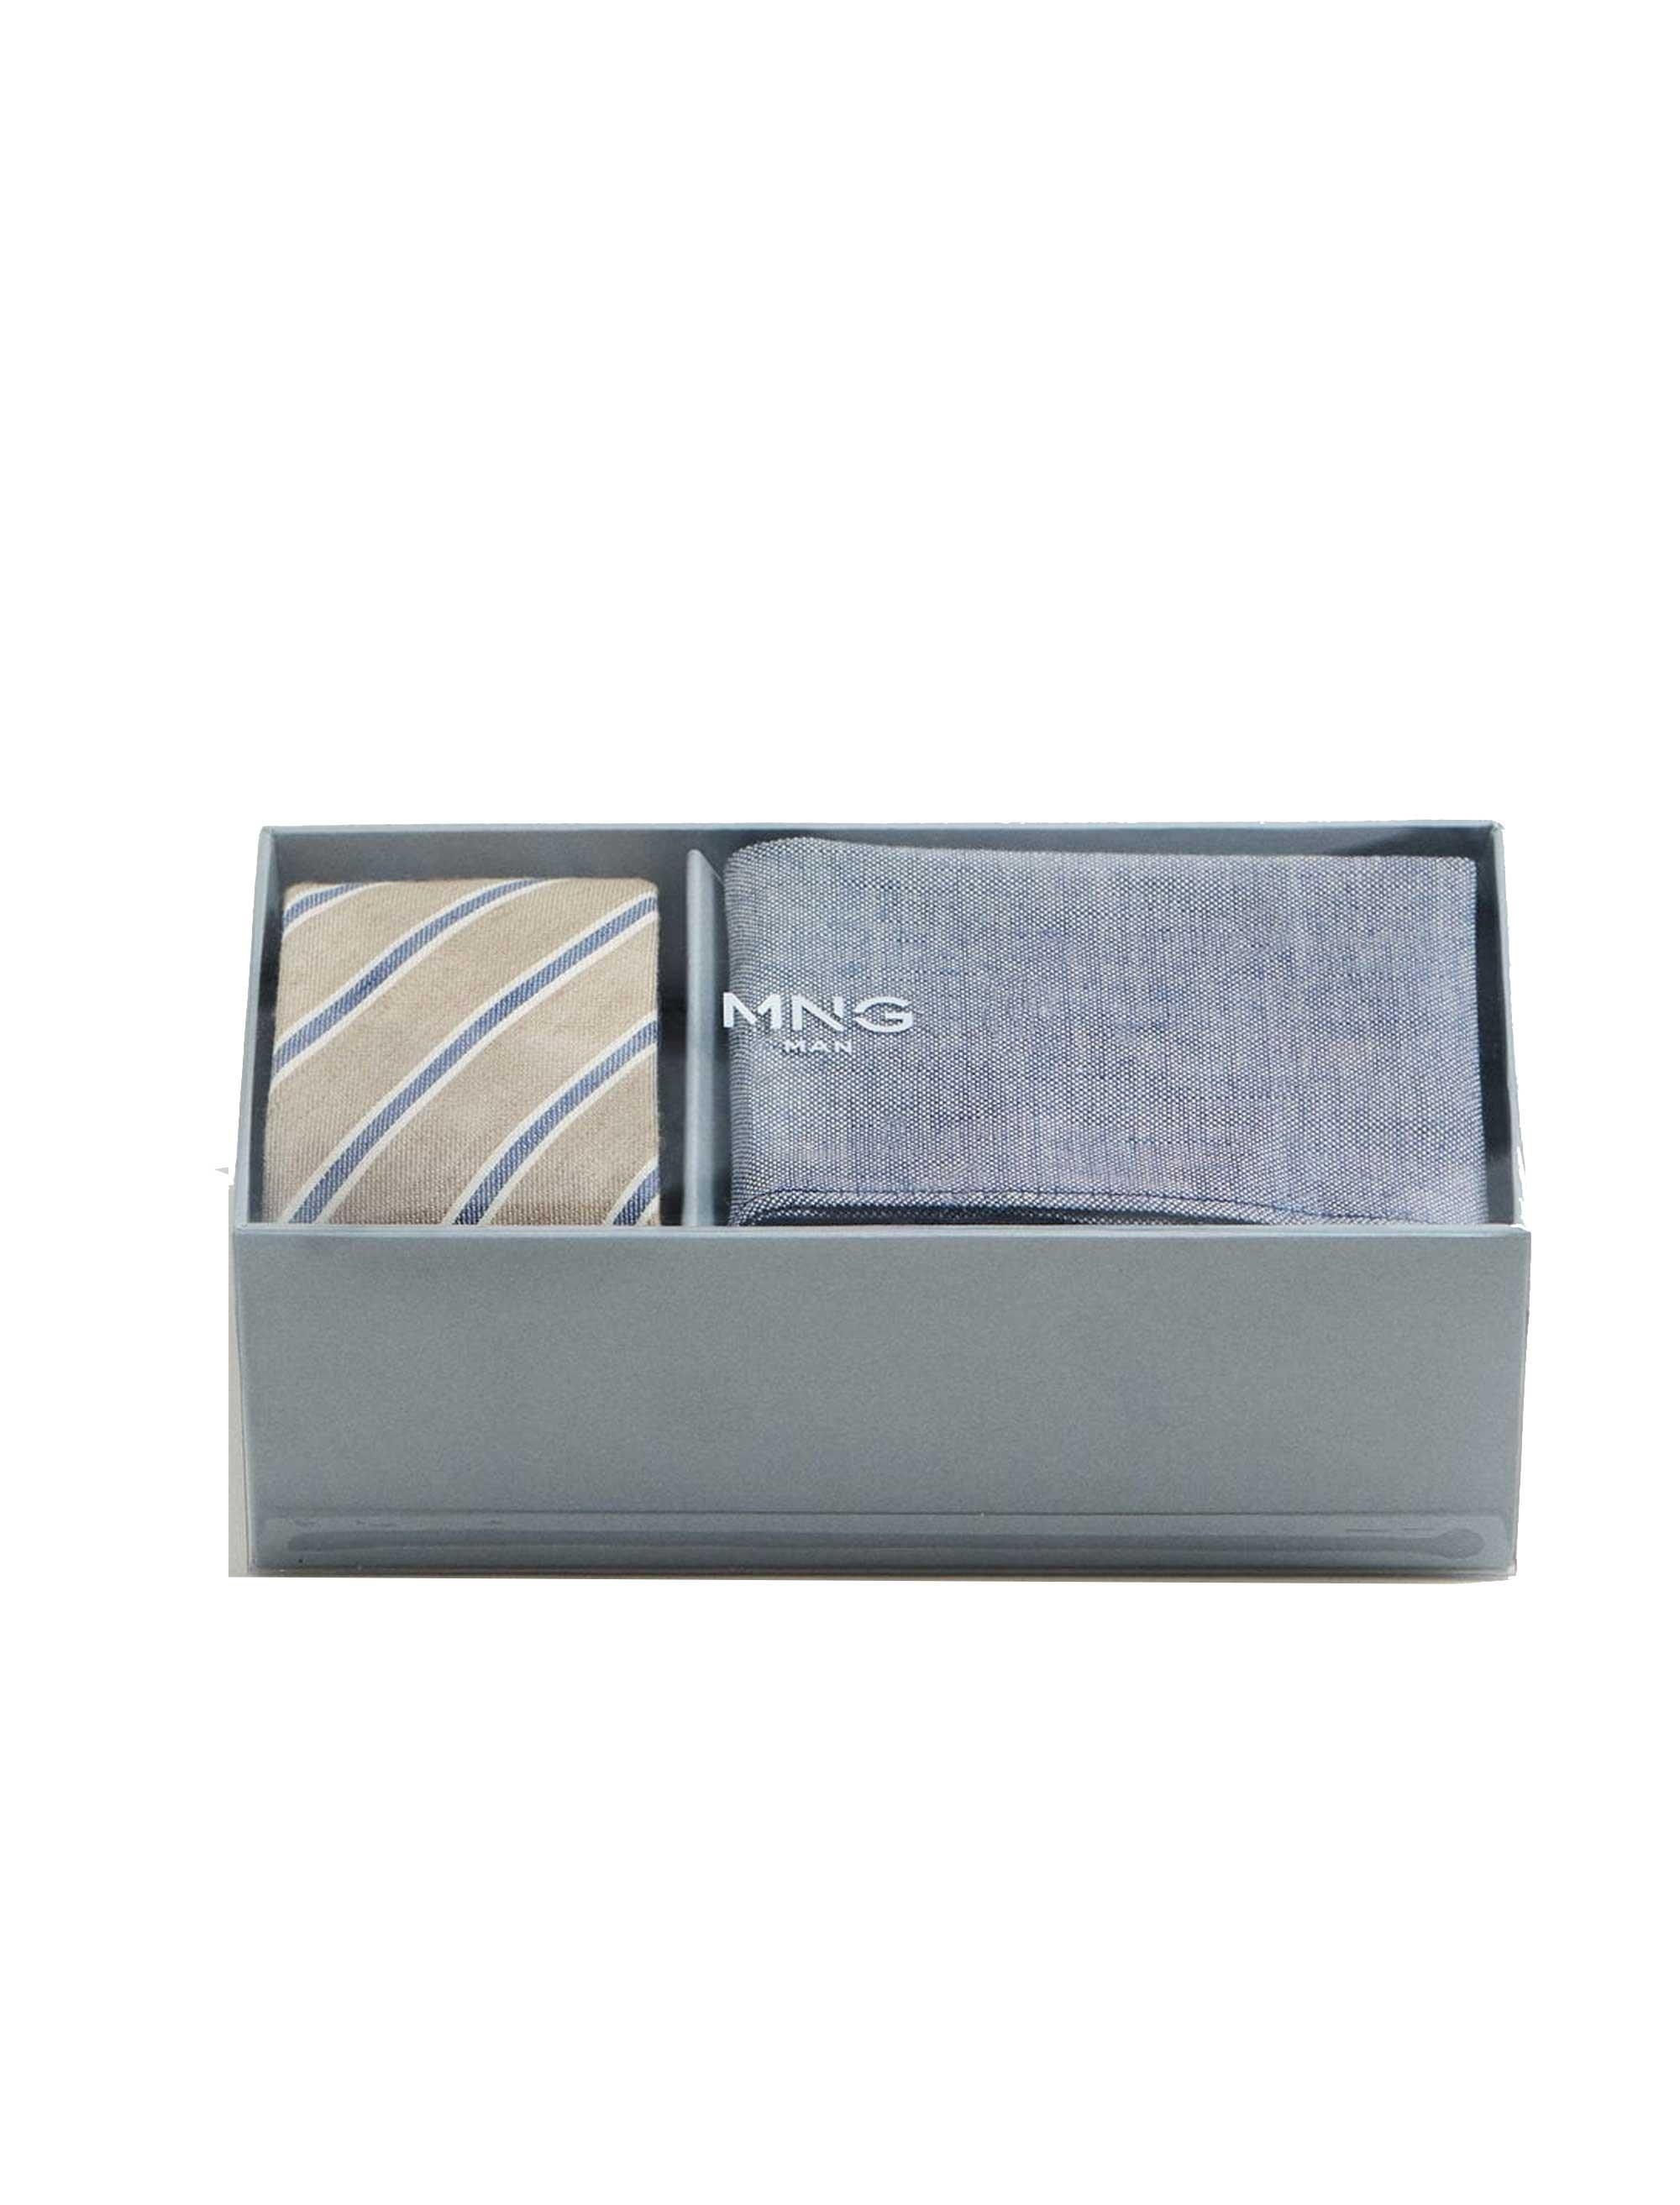 کراوات طرح دار مردانه - مانگو